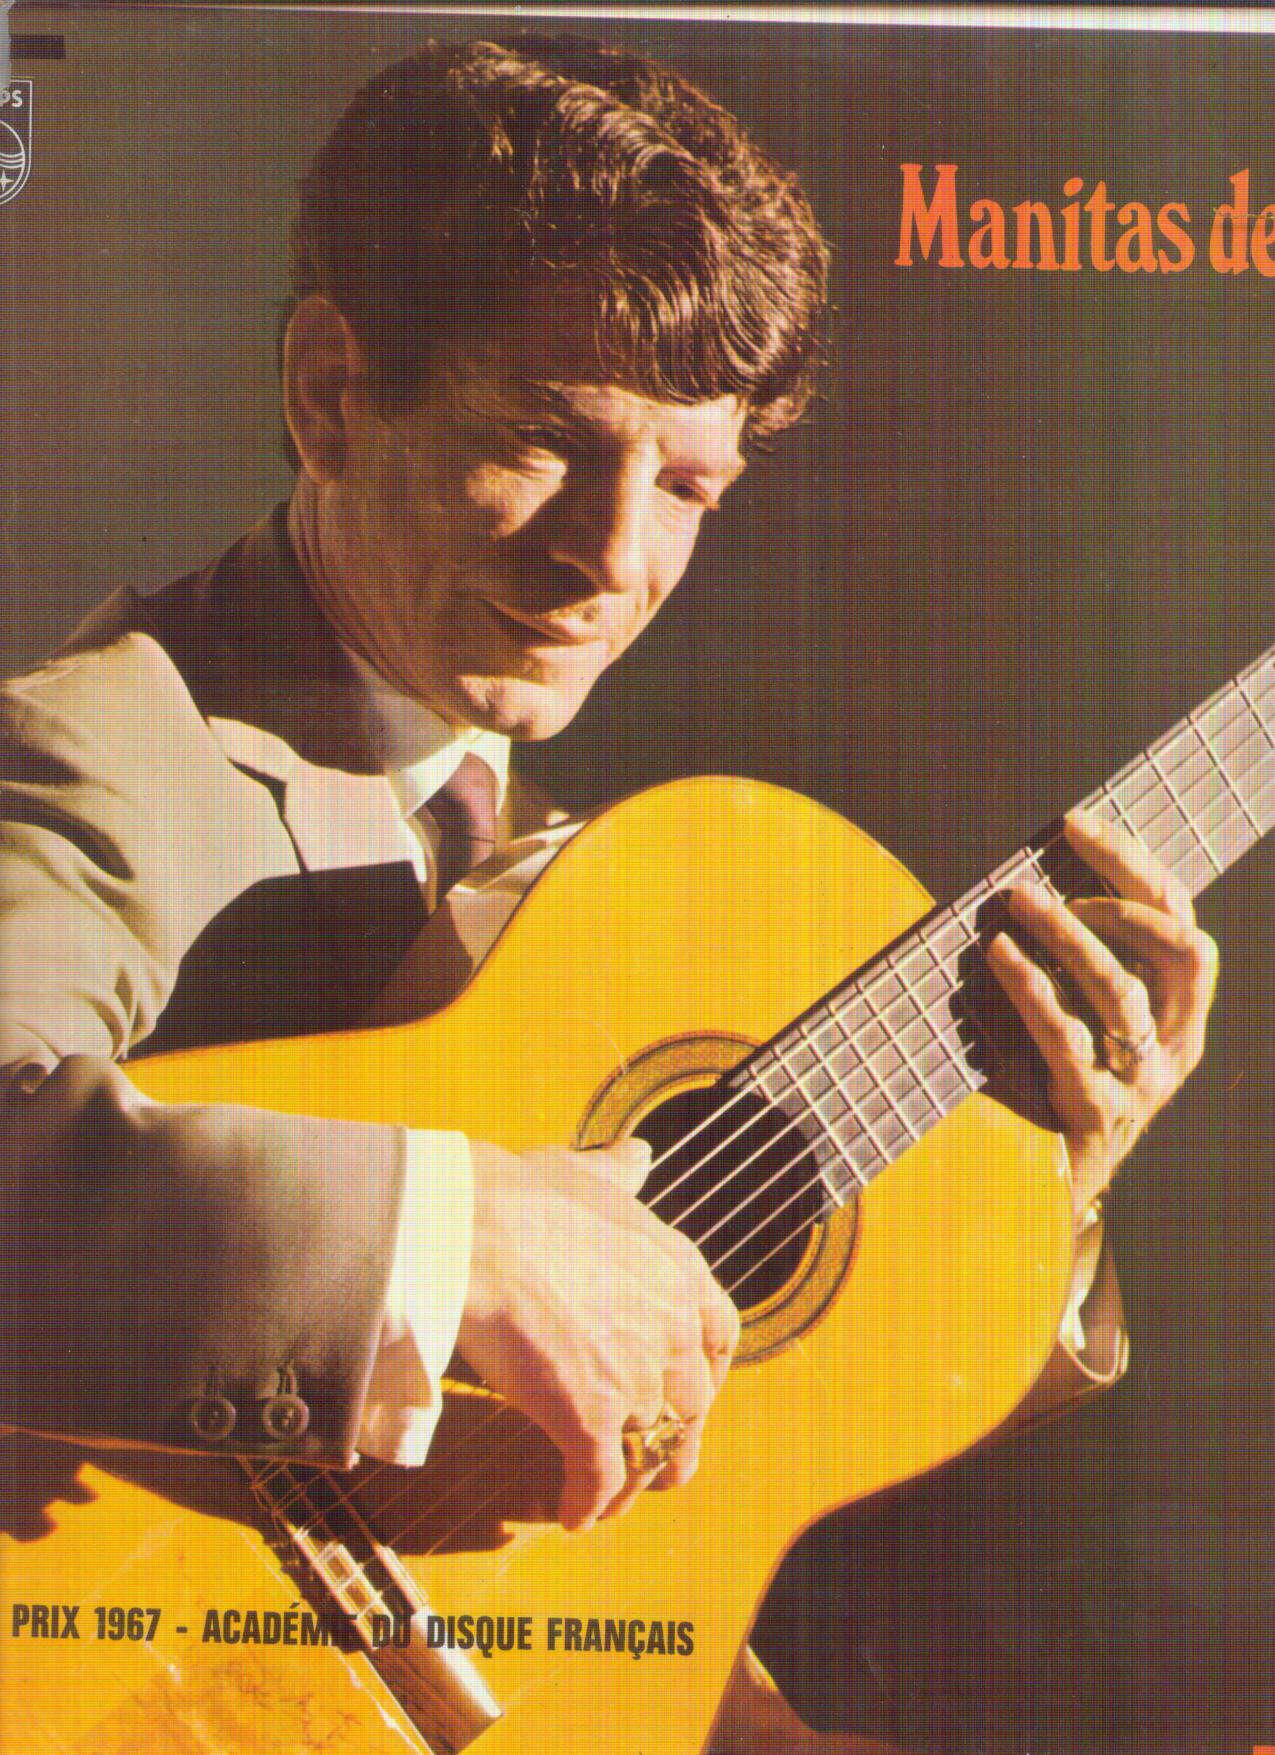 MANITAS DE PLATA GRAND PRIX 1967